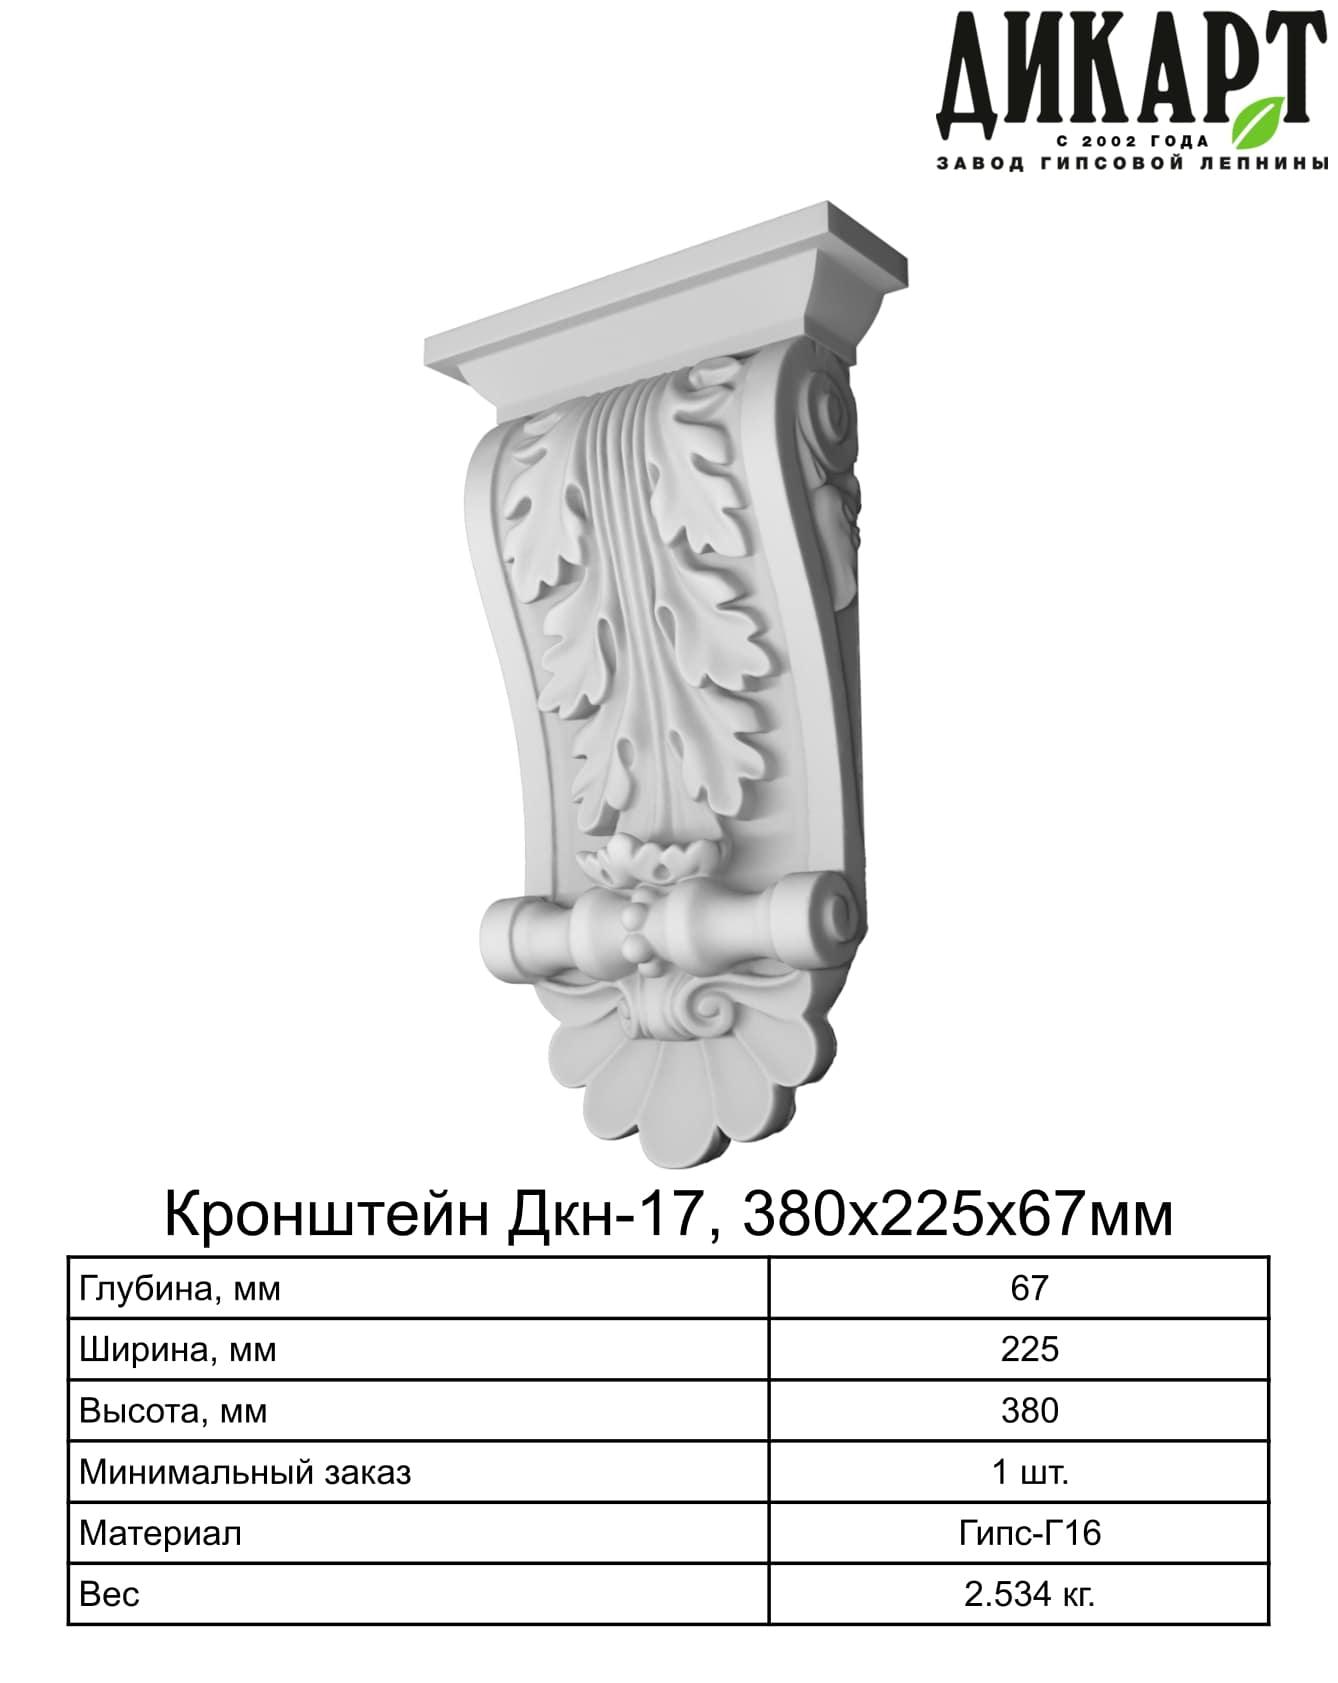 Кронштейн_Дкн-17